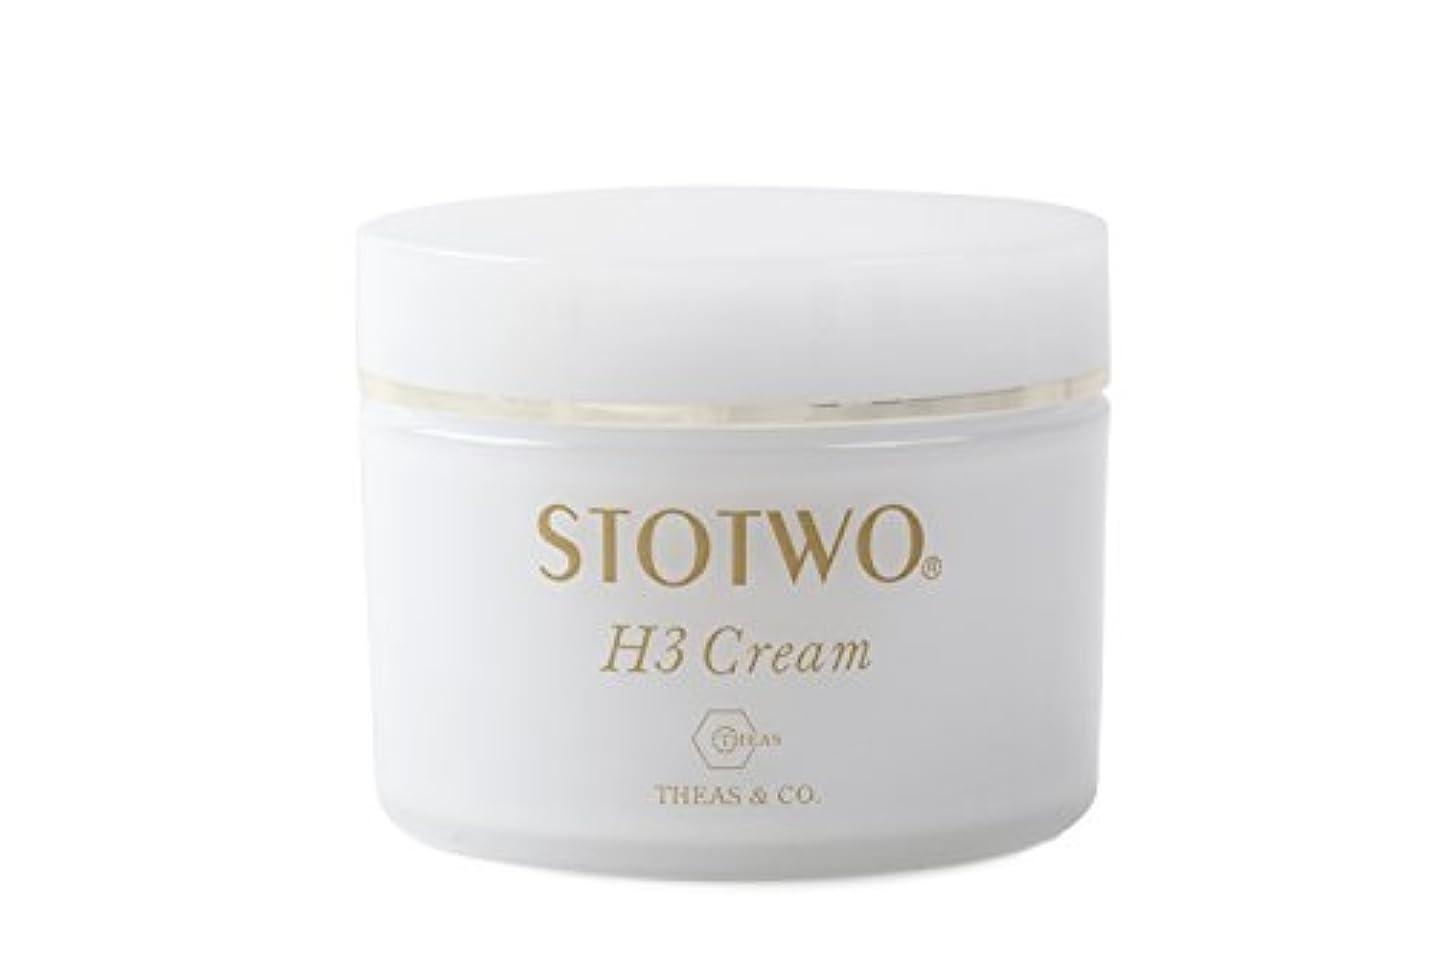 テーブルクルークレジットストツ(STOTWO)H3 クリームヒアルロン酸 25g